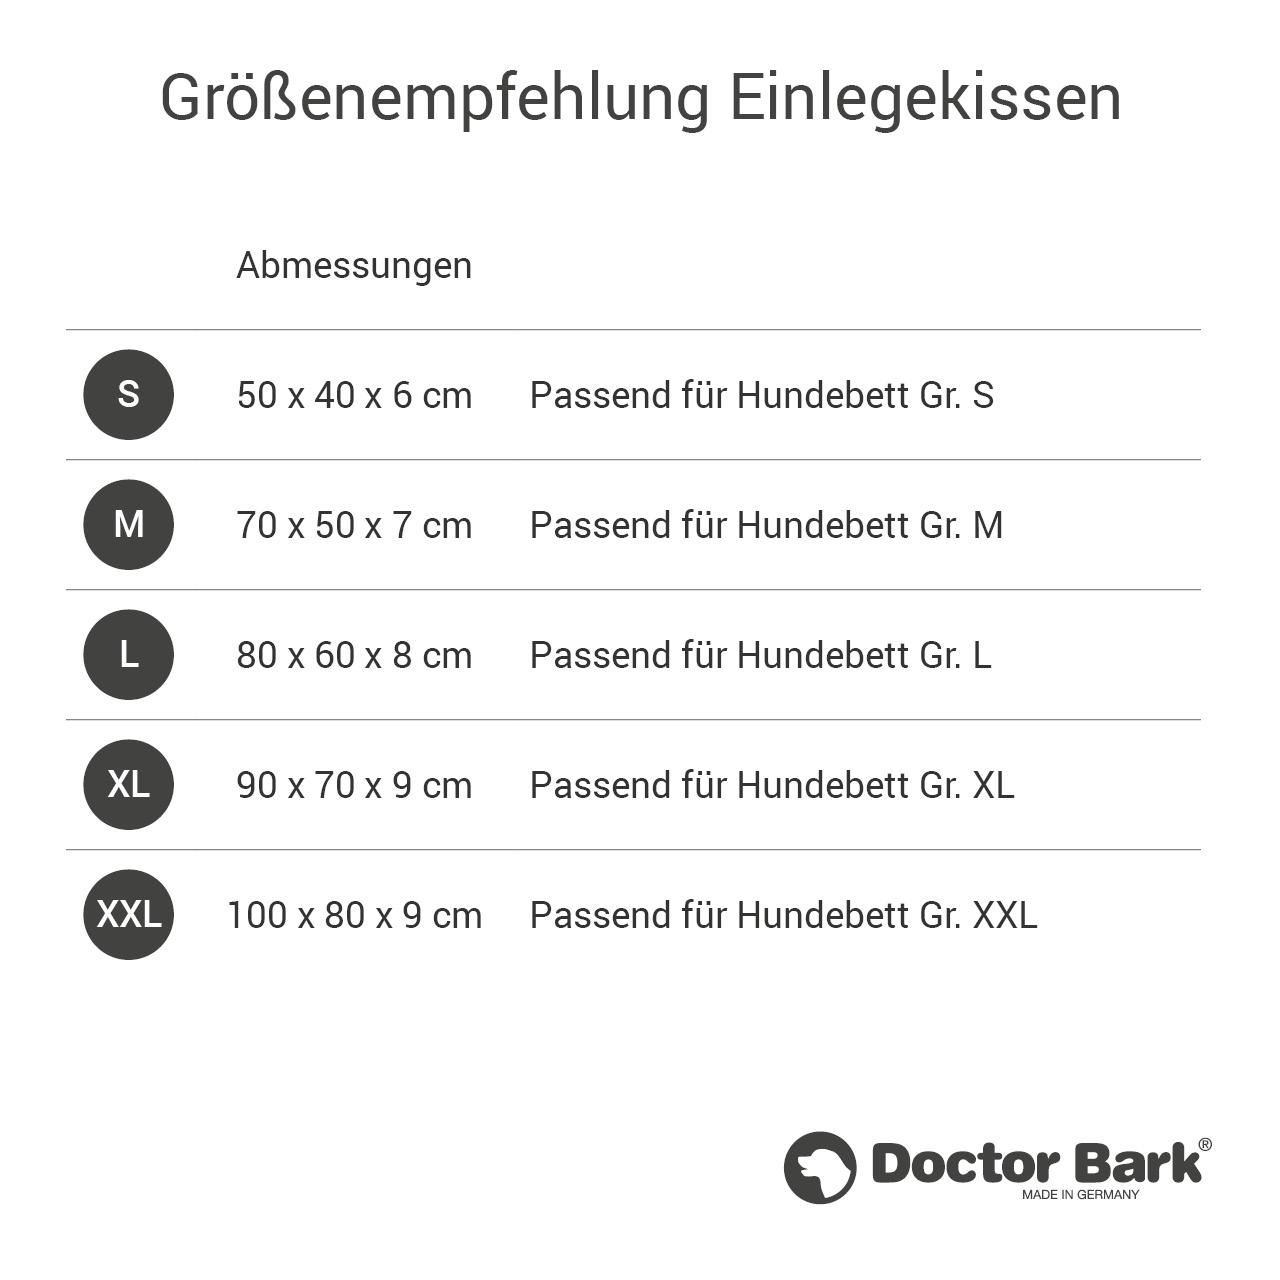 orthopädisches Einlegekissen für Doctor Bark Hundebett Gr. S - hellgrau